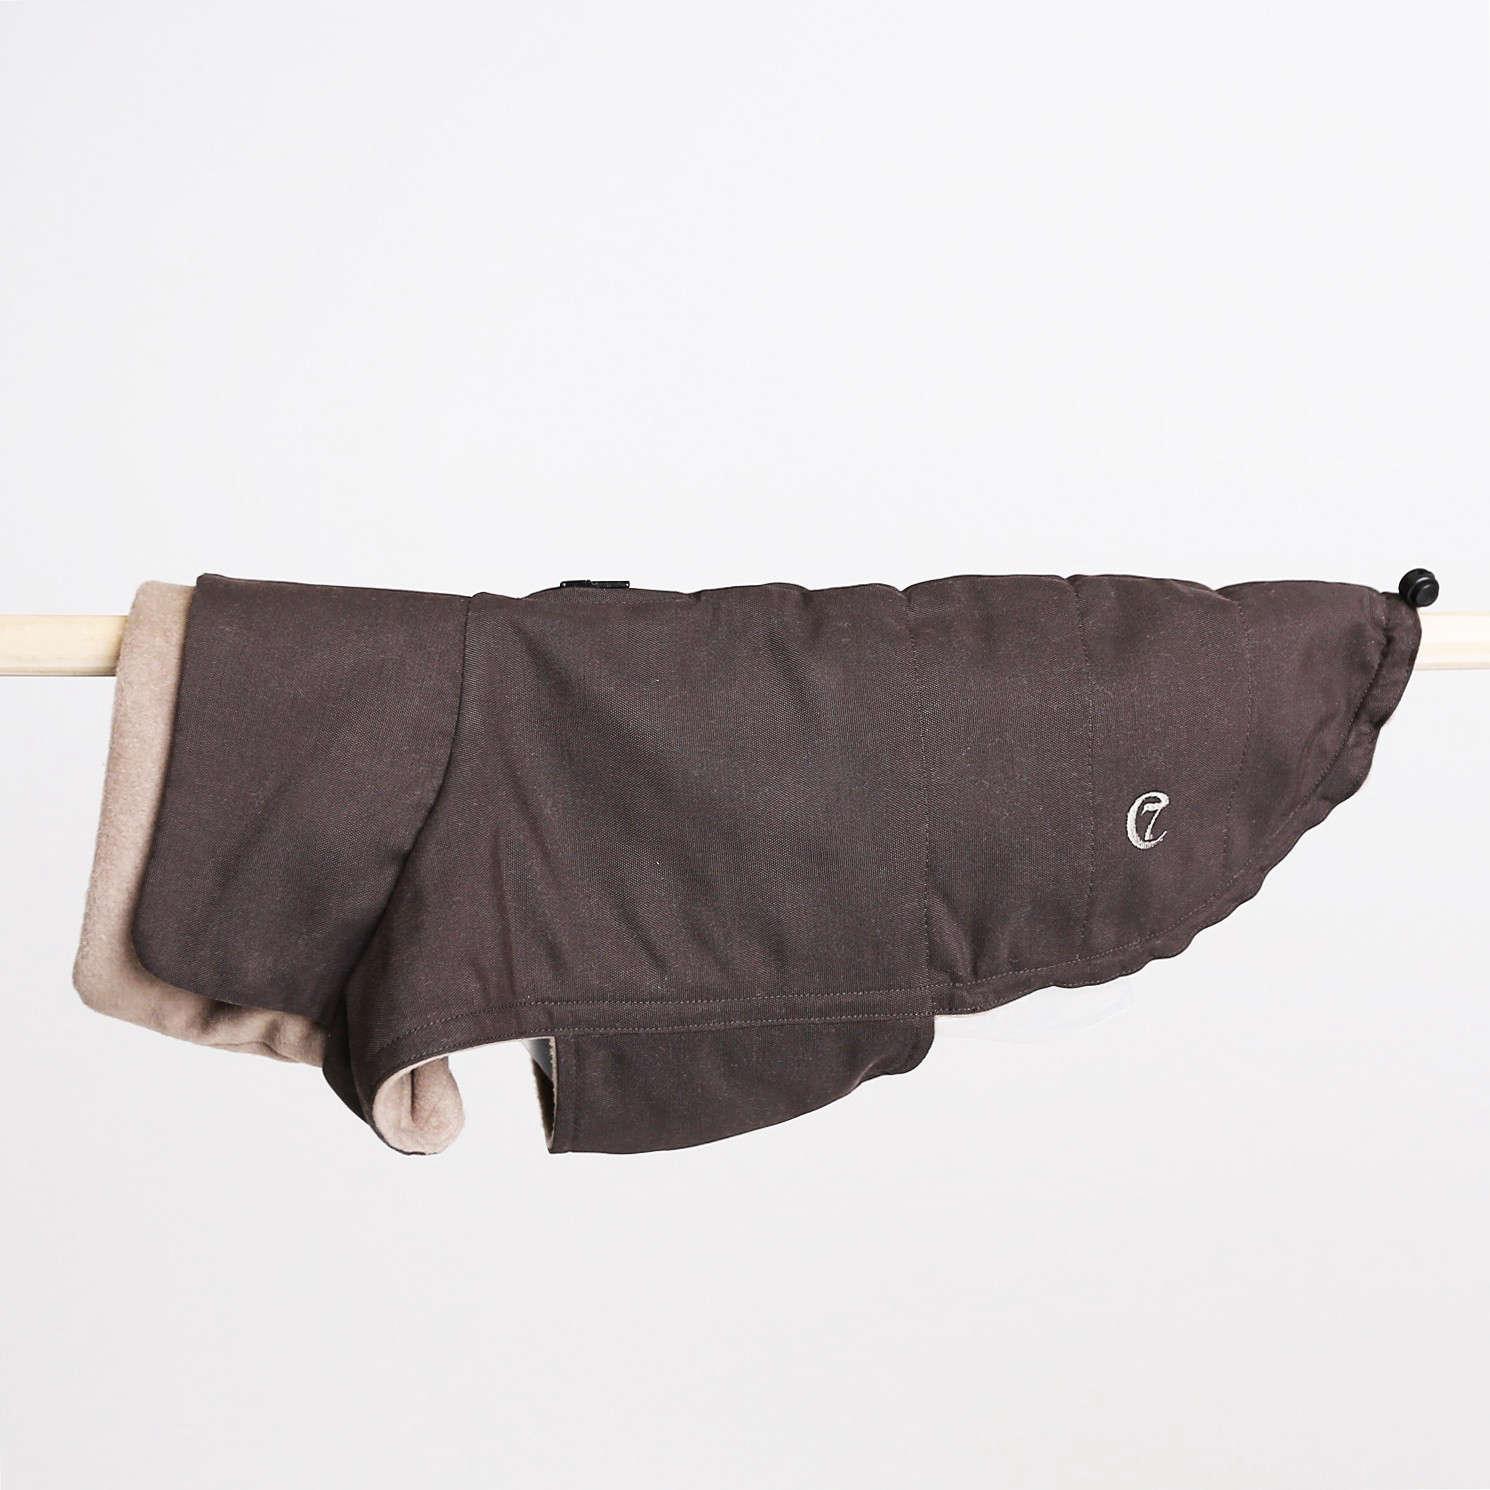 Cloud7 Brooklyn Waxed Cotton Dog Coat